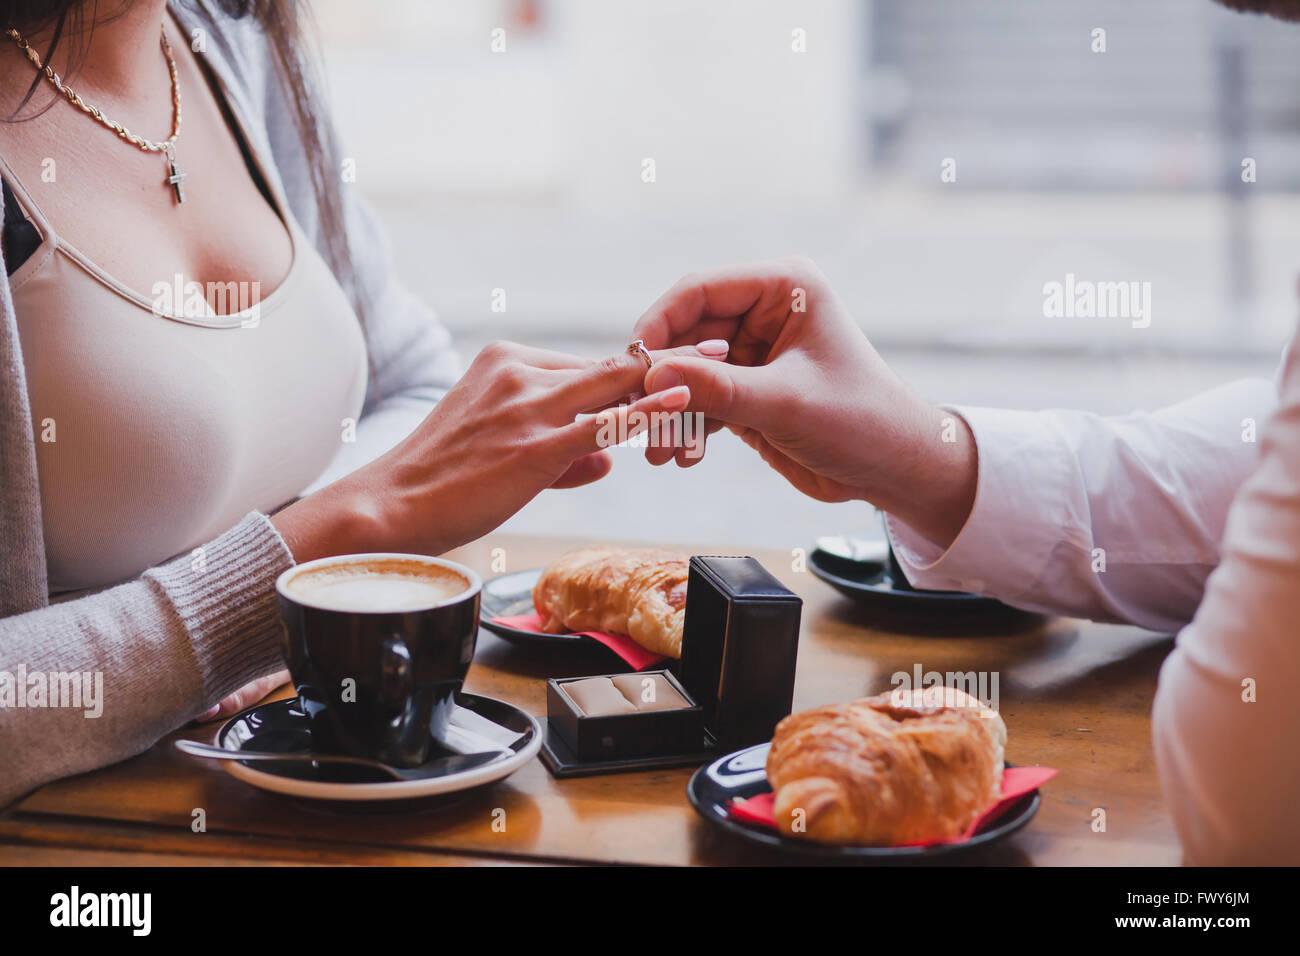 Verlobungsring, Vorschlag im Café, Nahaufnahme, Hände von Mann und Frau Stockbild